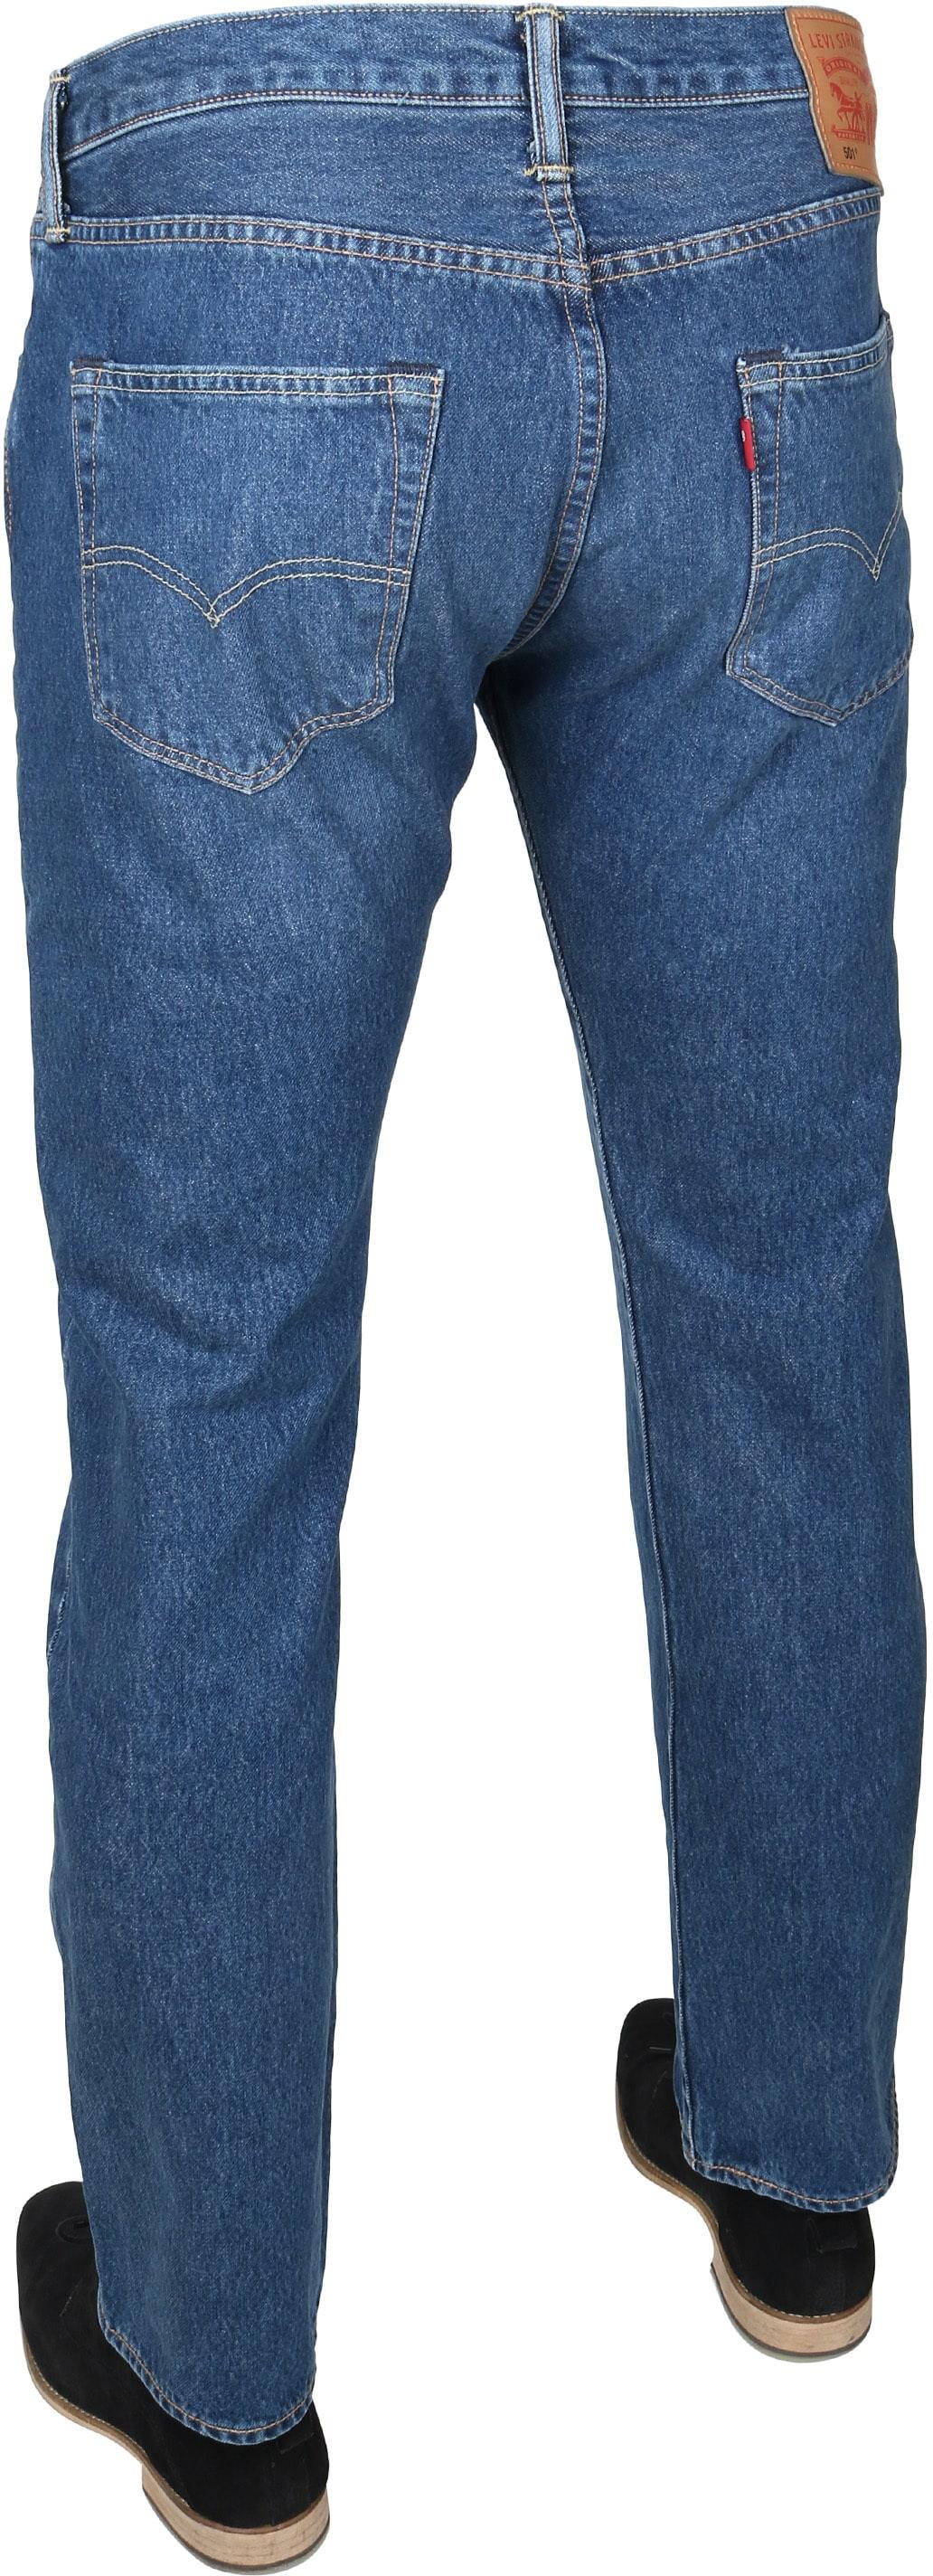 Levi's 501 Jeans Original Fit Navy foto 3